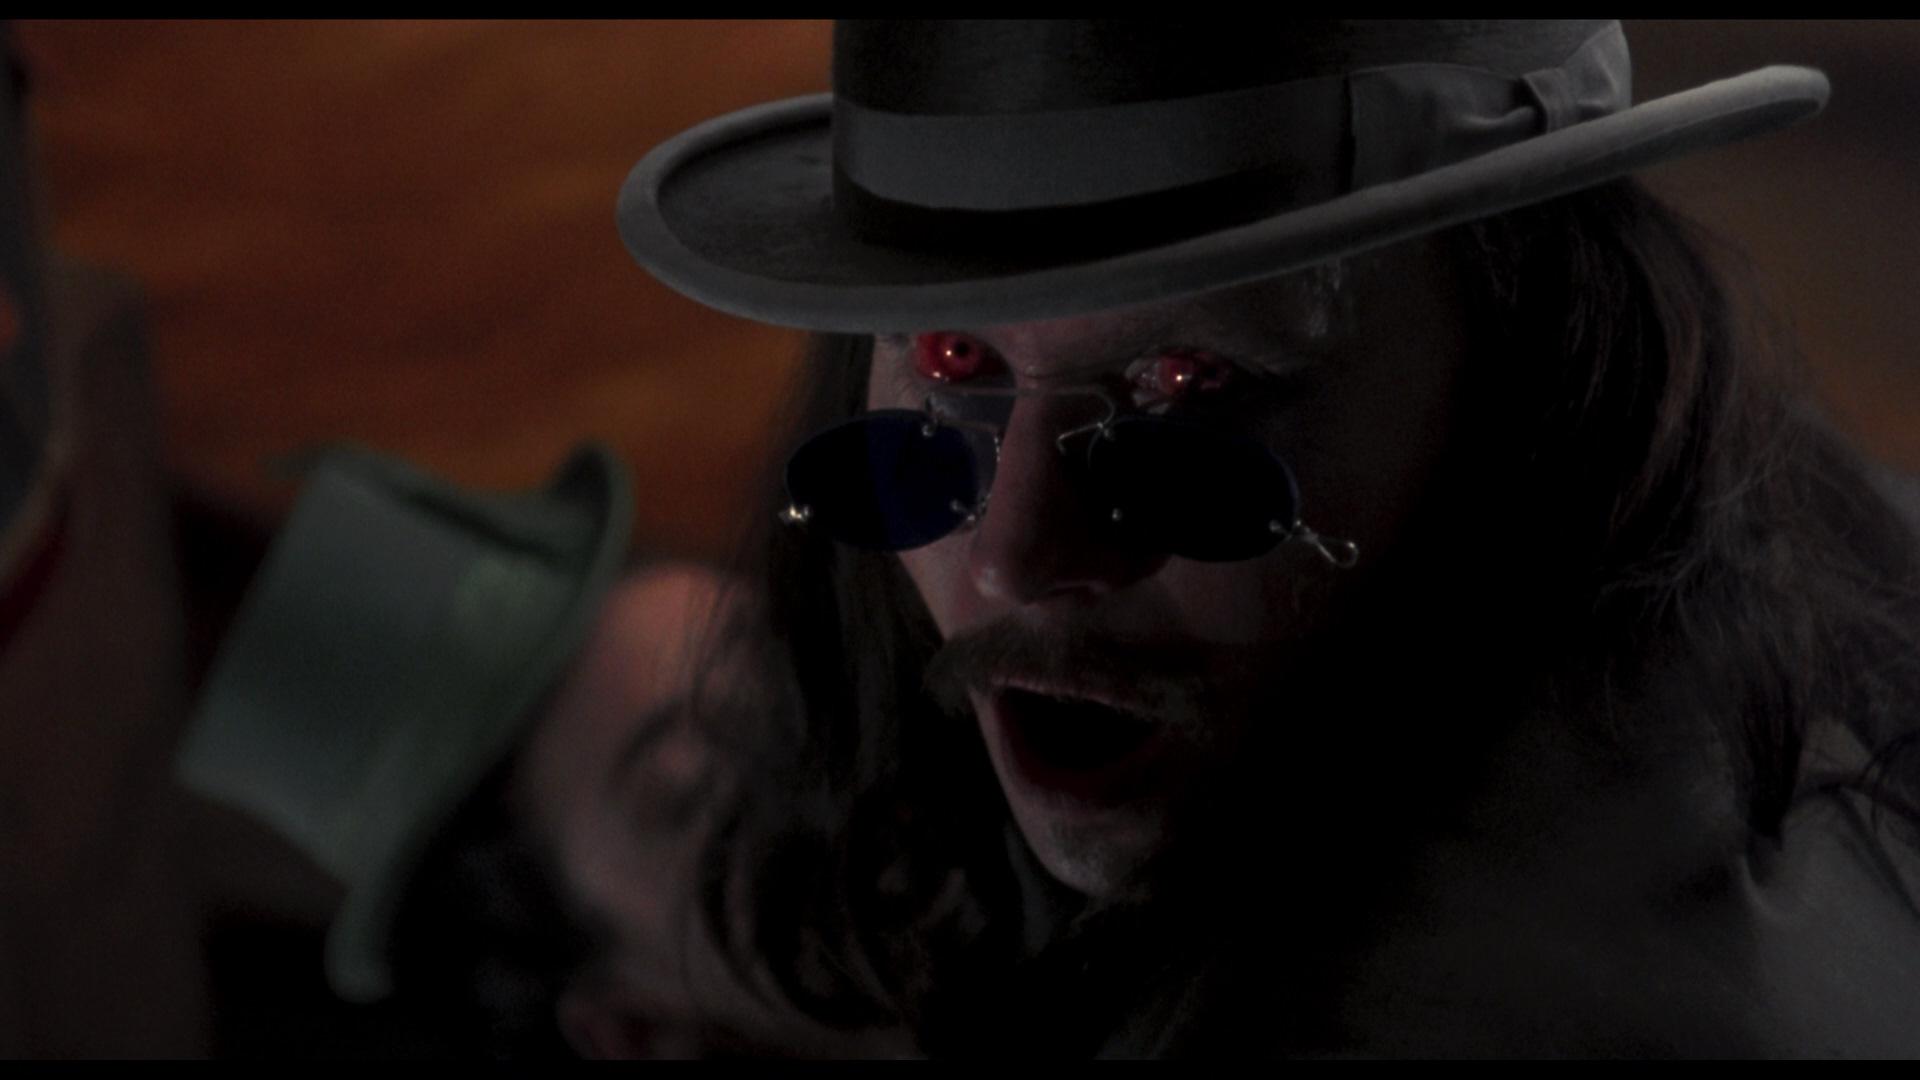 Vampire movievilla in sex picture